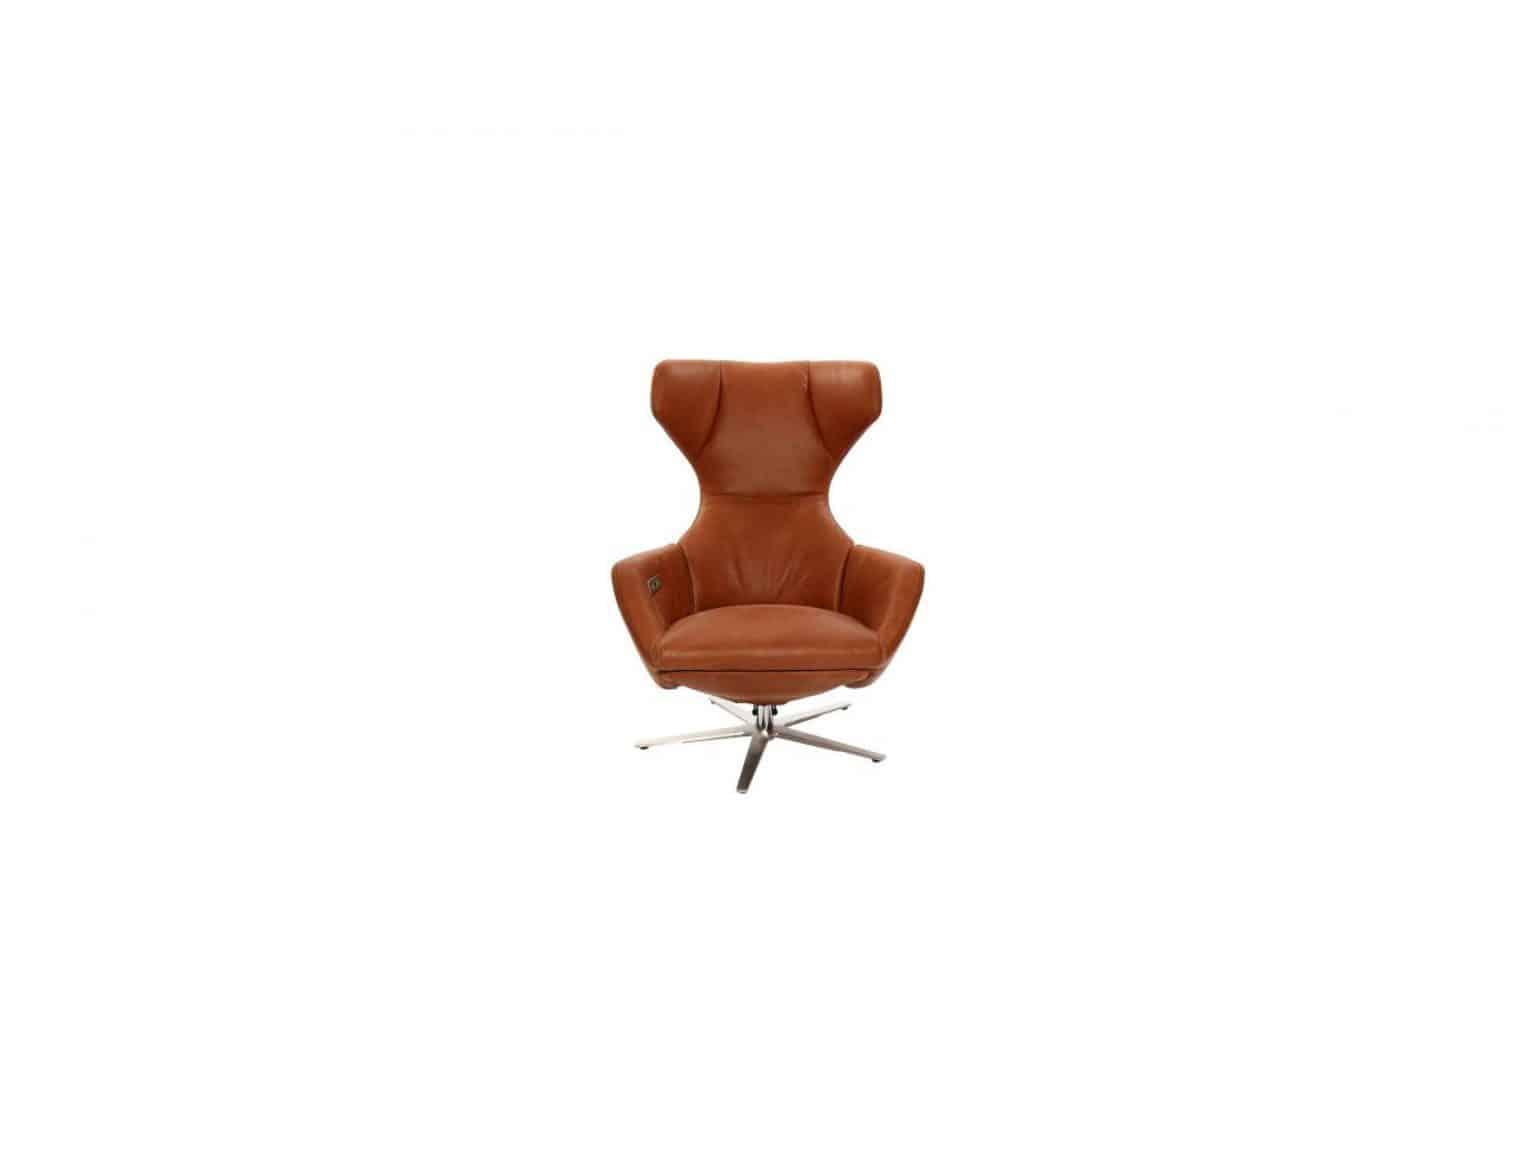 Gealux fauteuil Arc 4001 pa